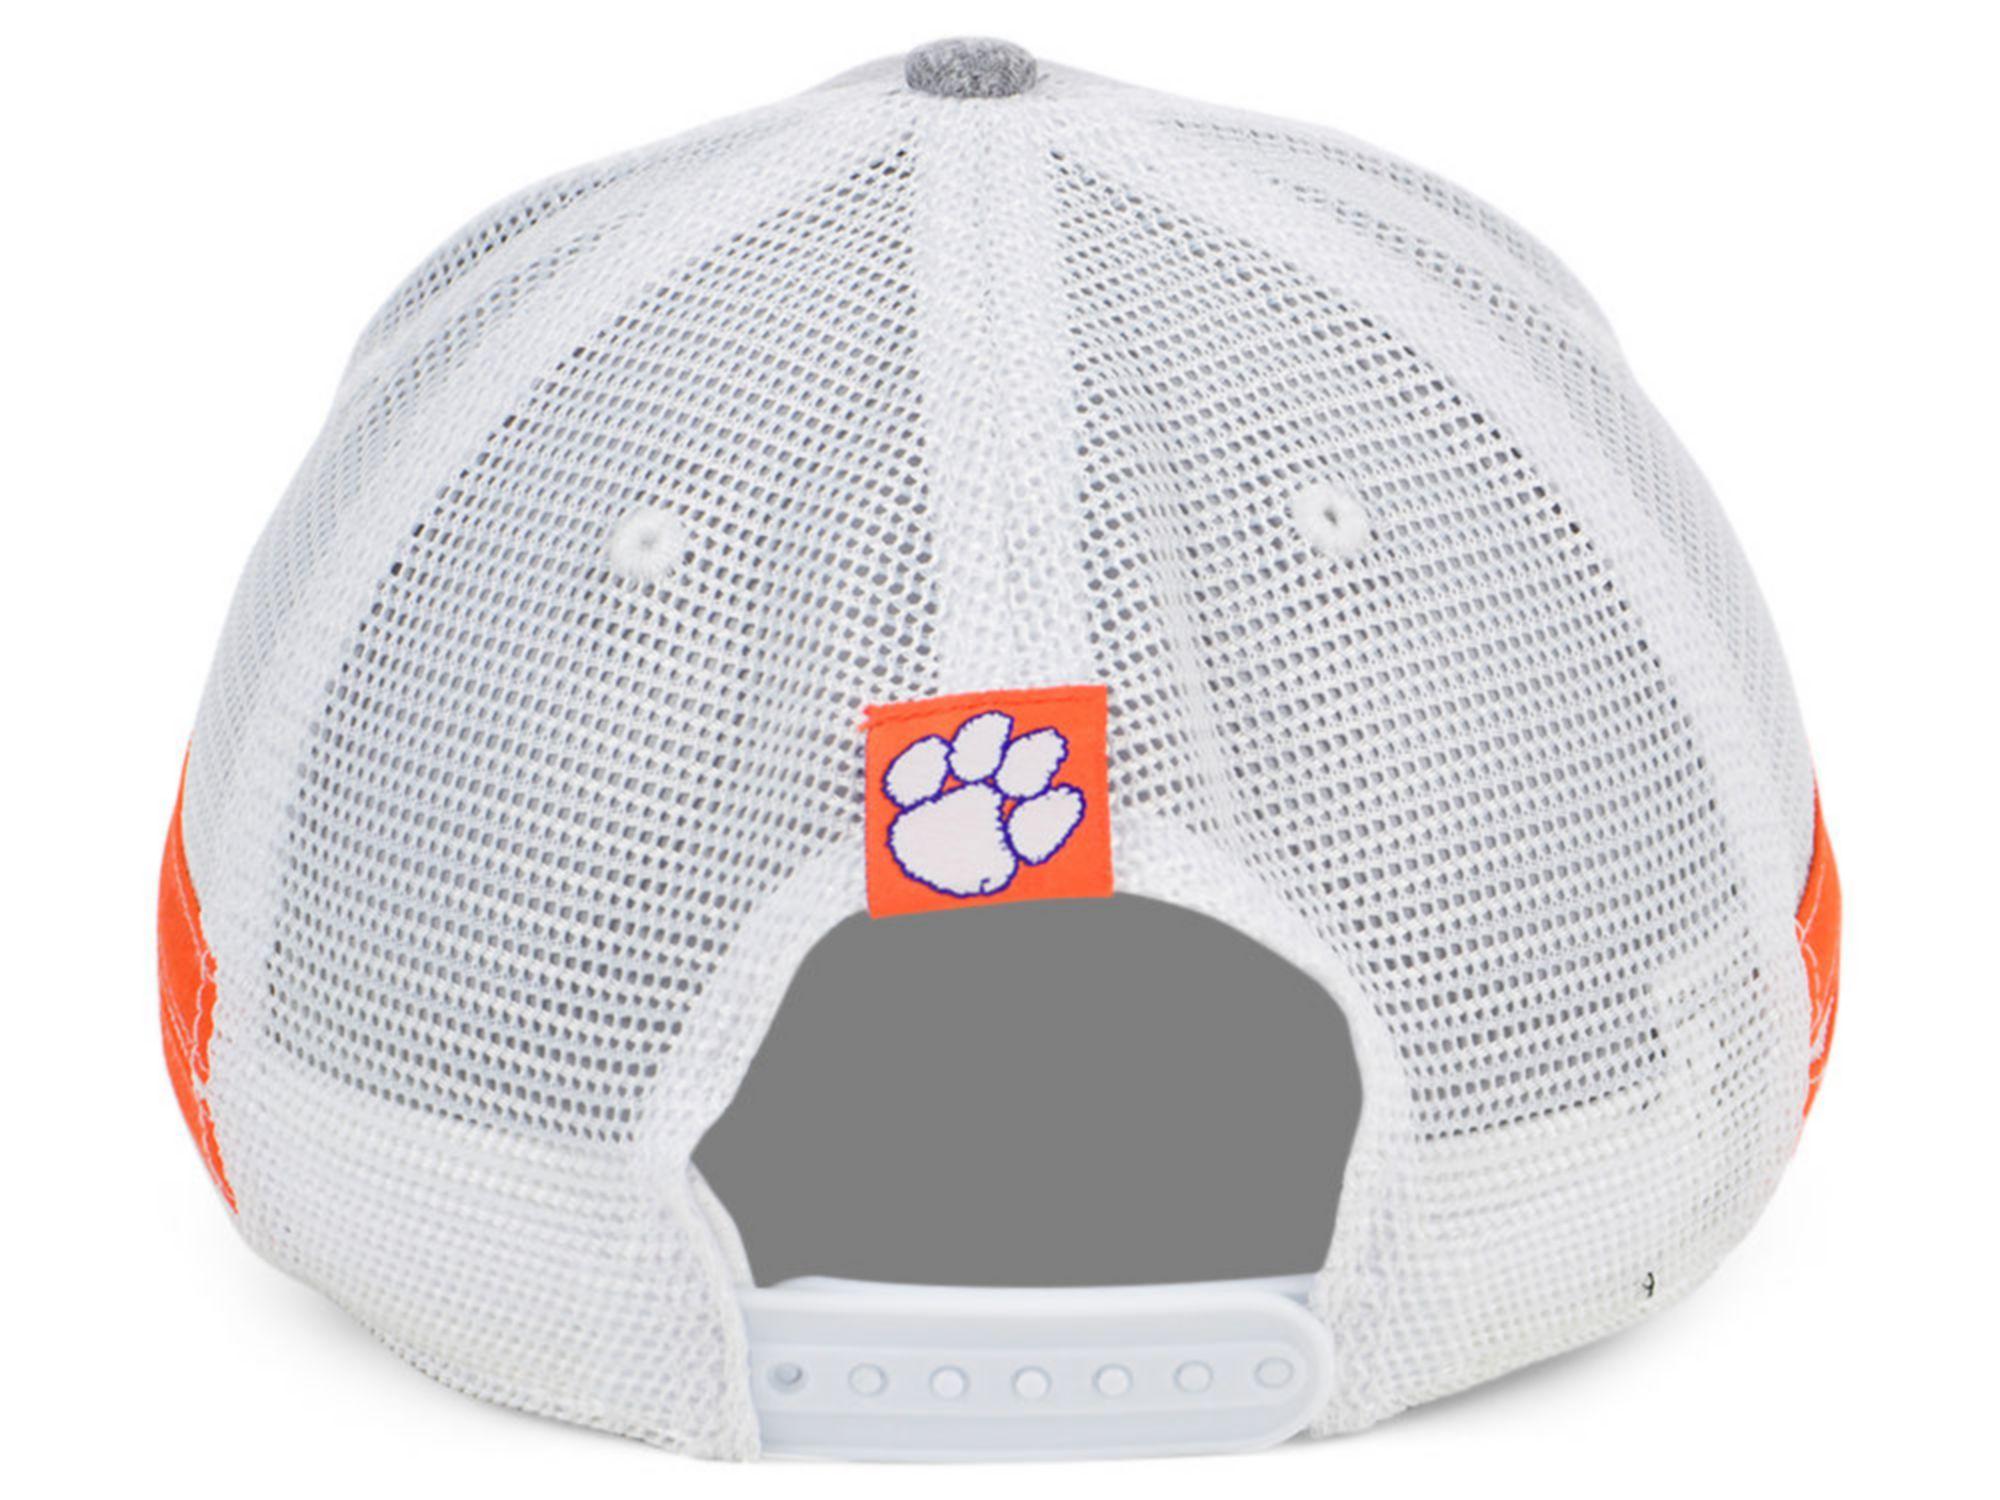 Top of the World Clemson Tigers Space Dye Trucker Cap & Reviews - Sports Fan Shop By Lids - Men - Macy's